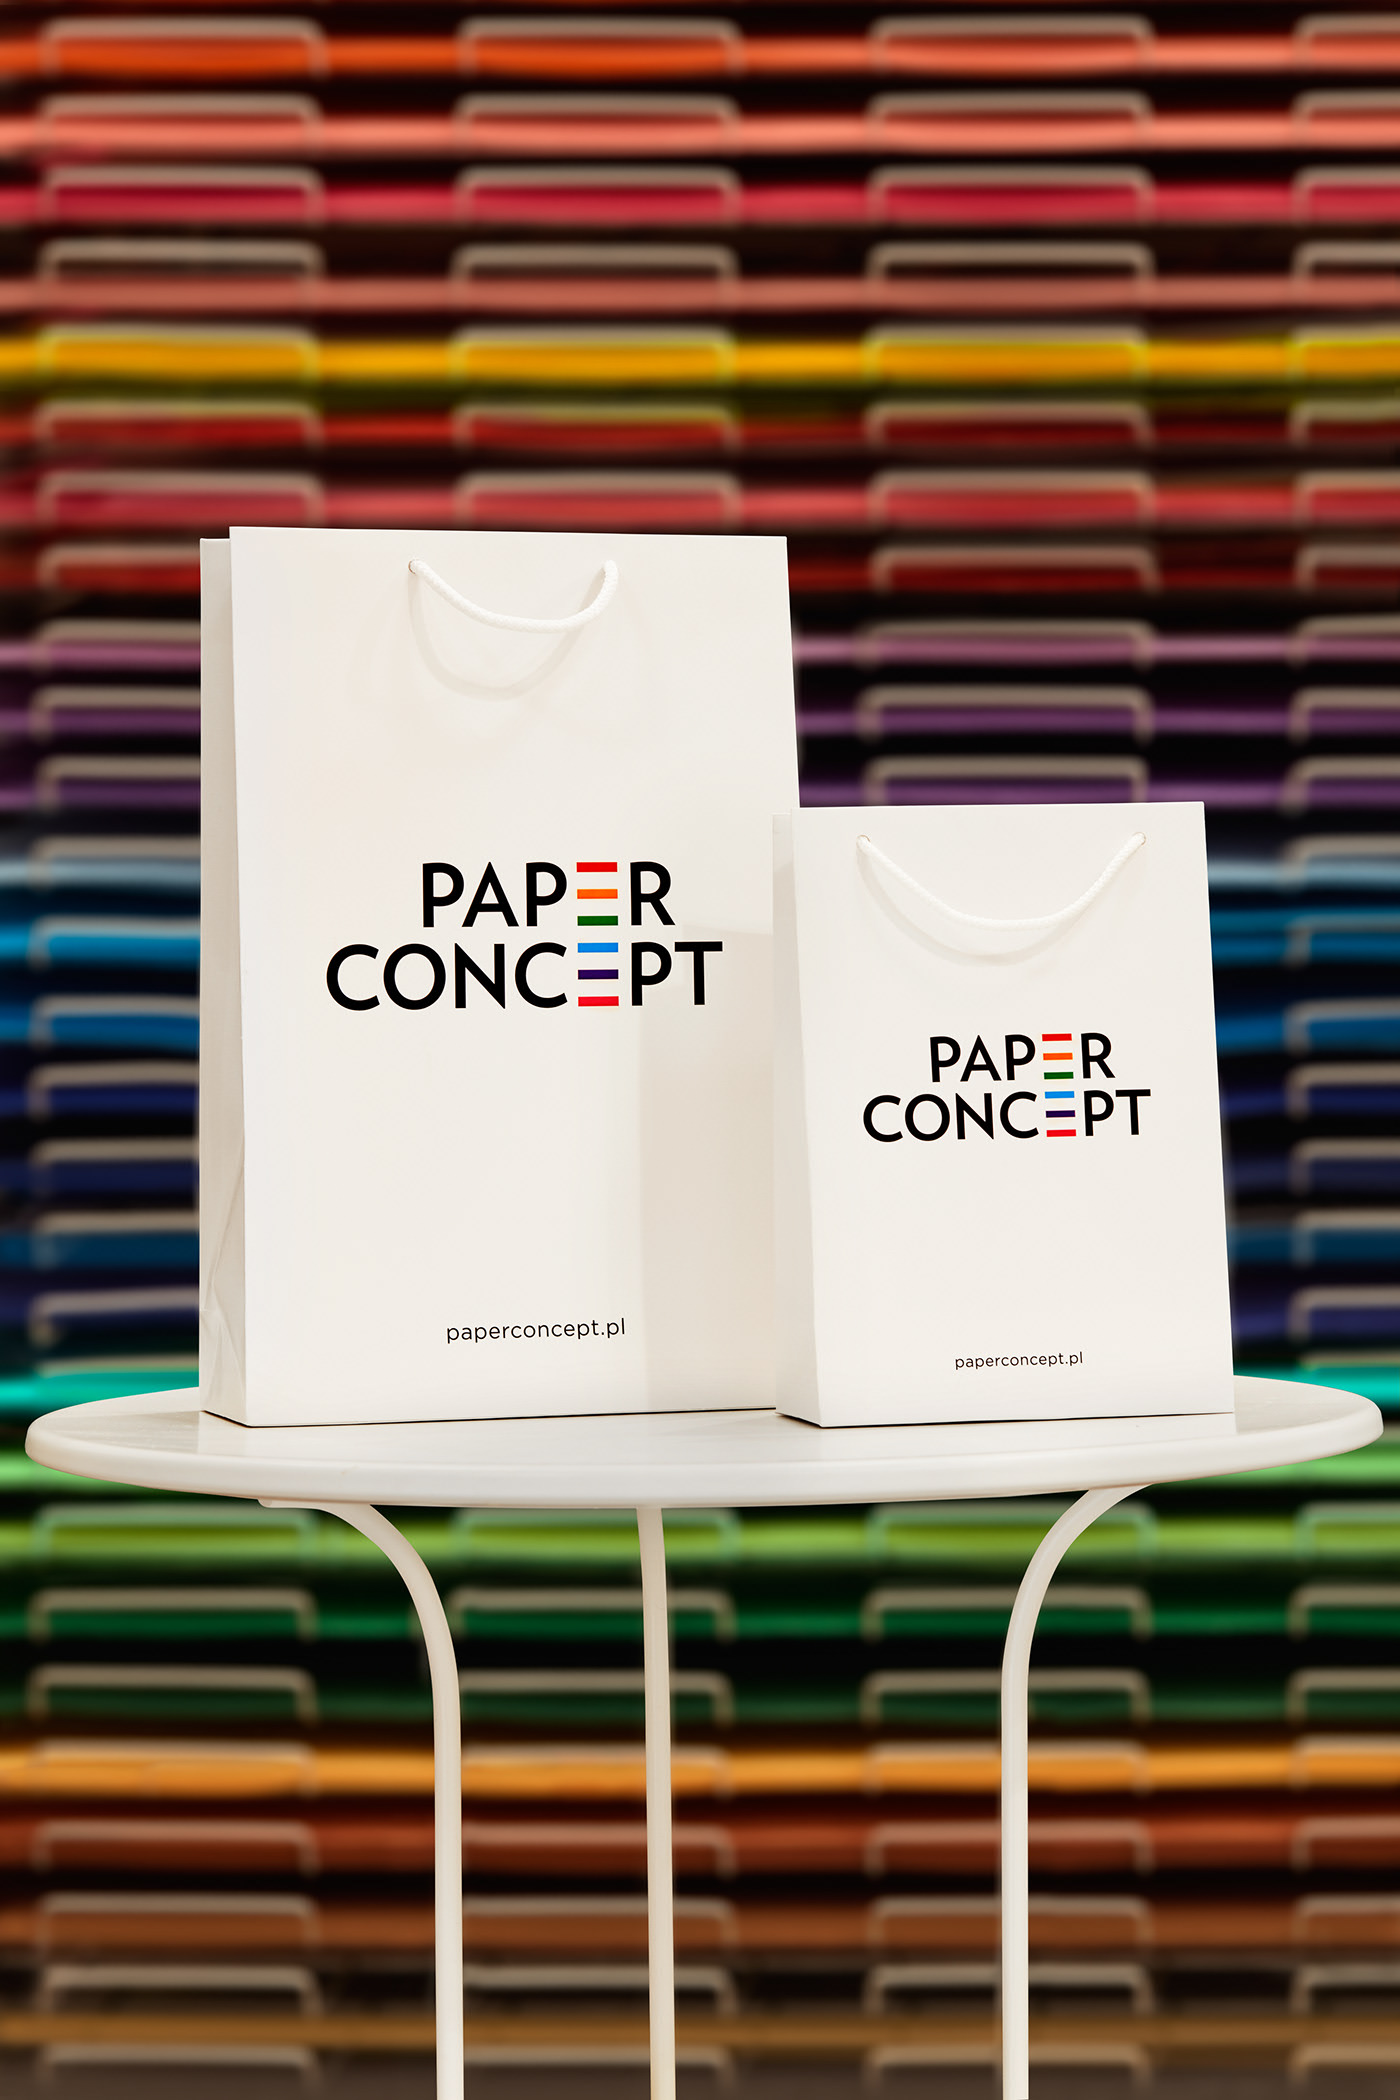 Paper Concept